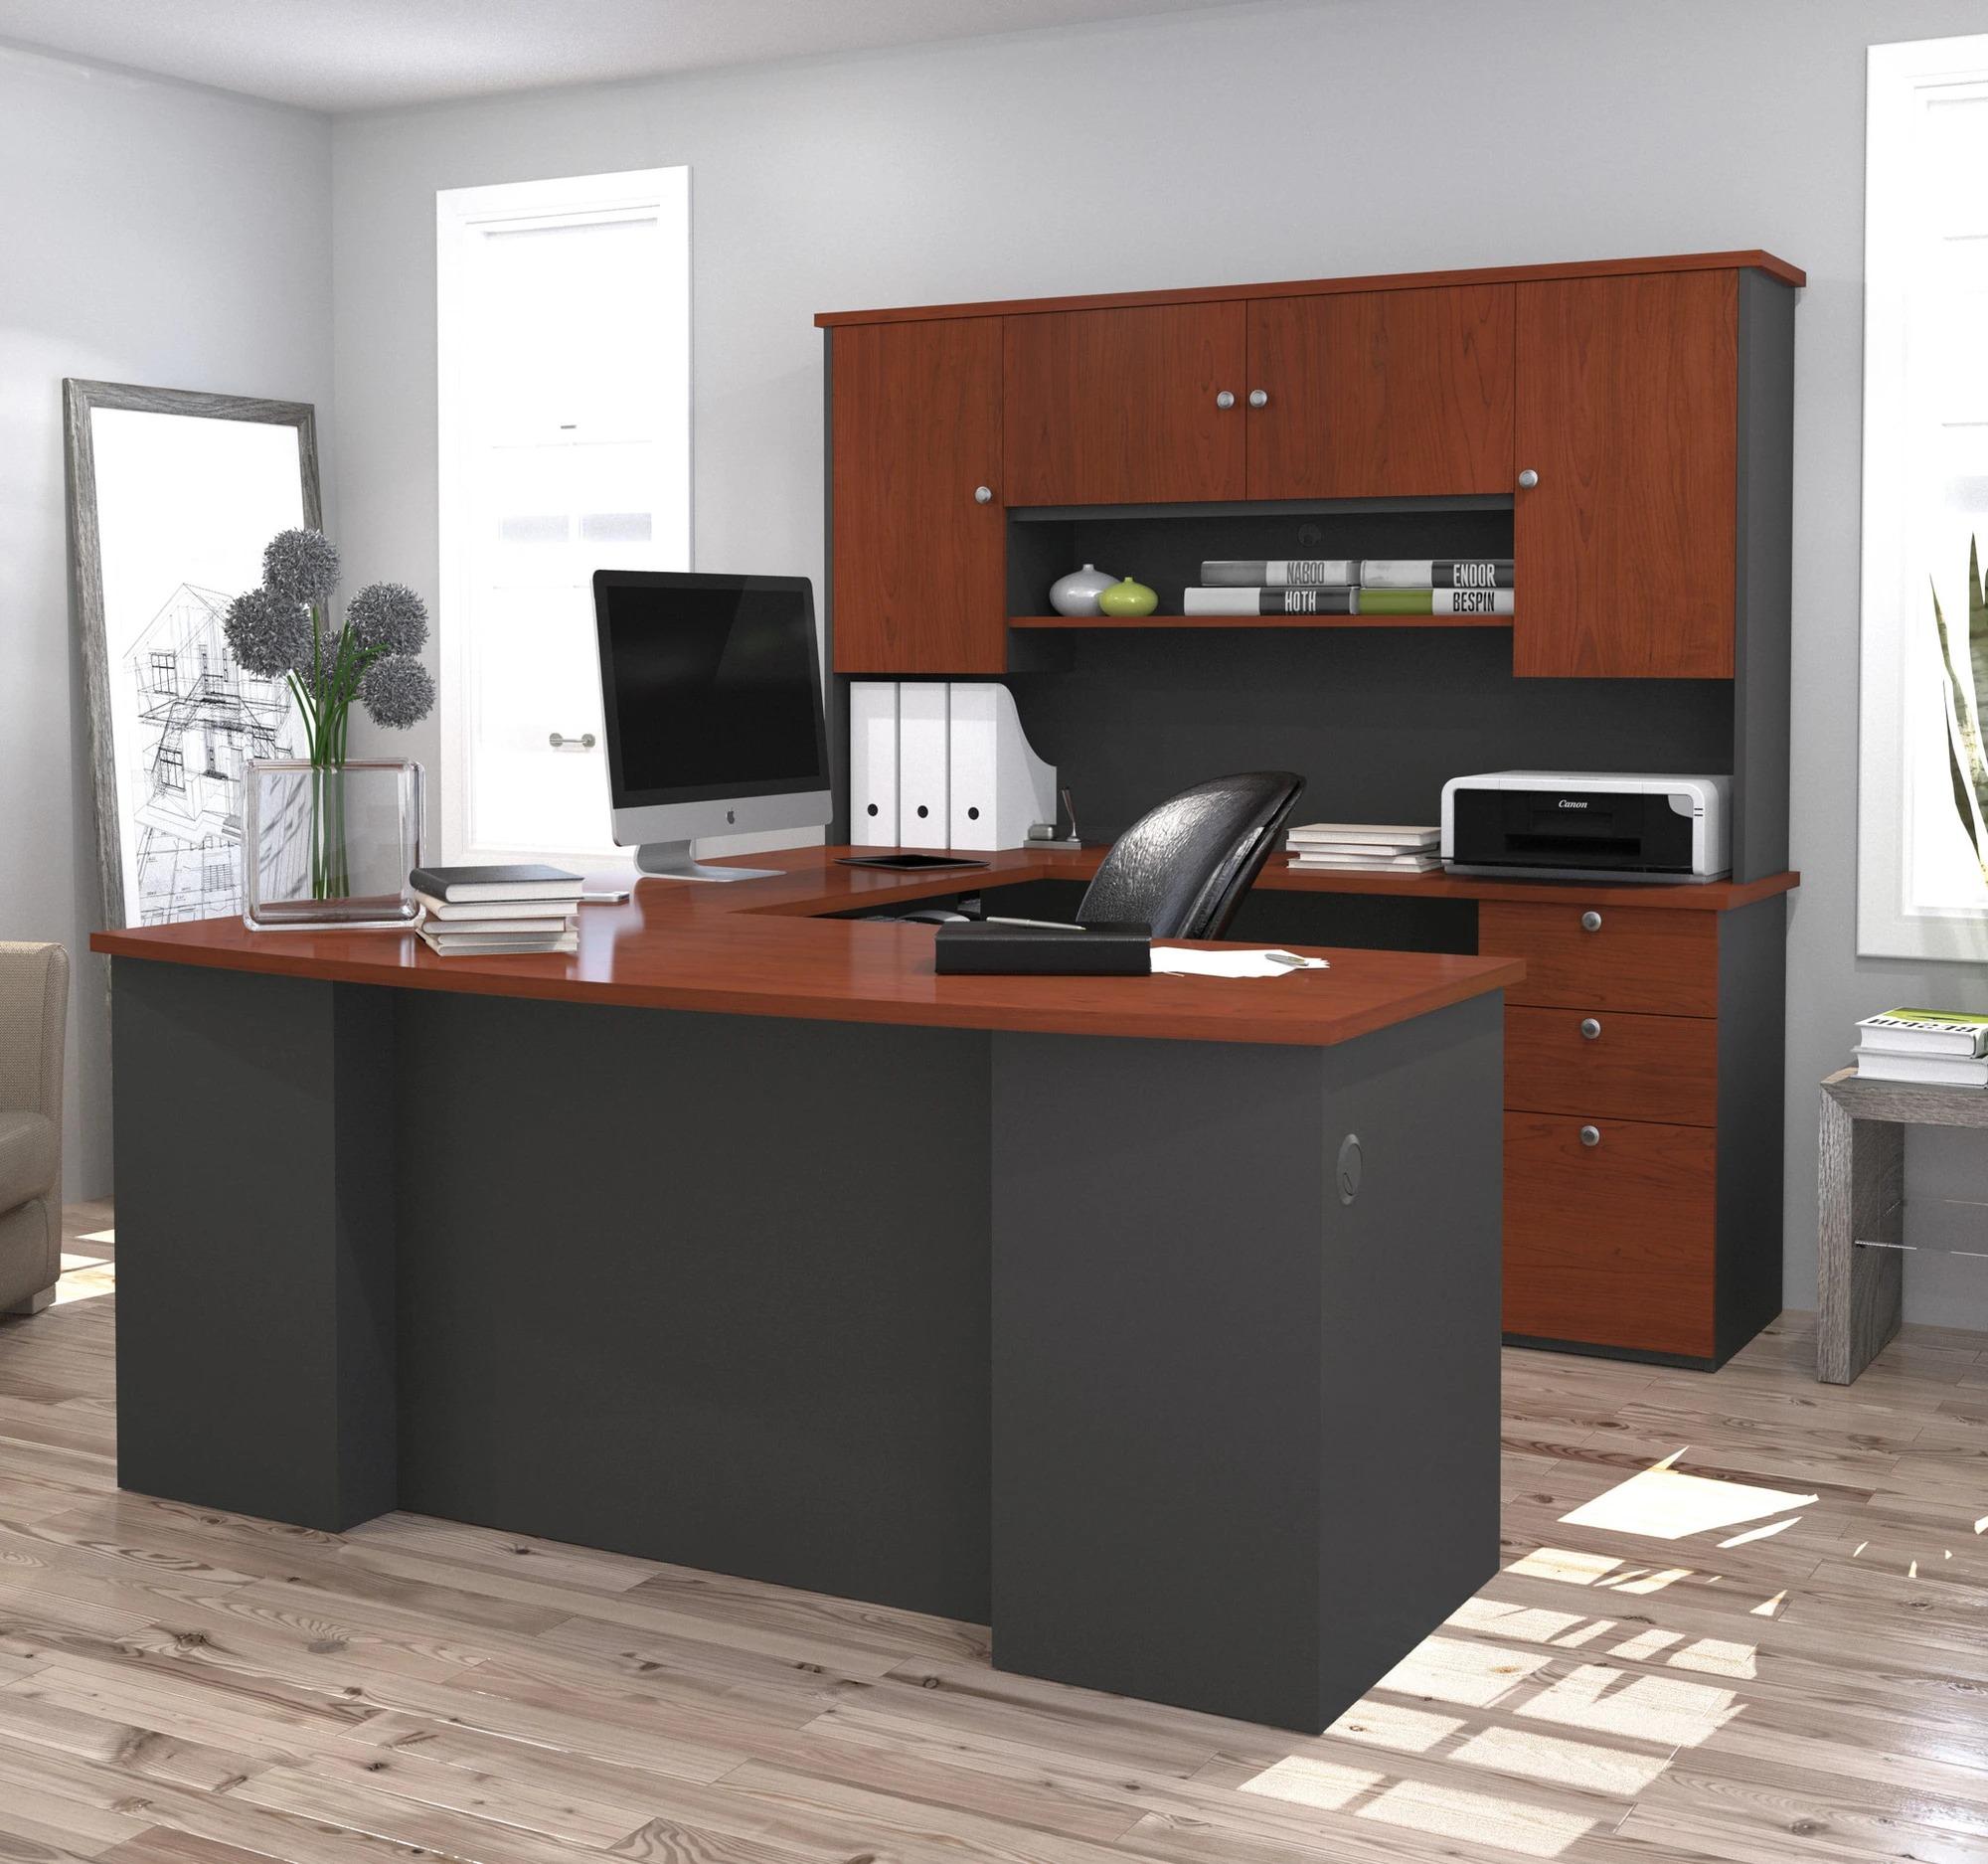 thiết kê sản phẩm nội thất văn phòng theo yêu cầu